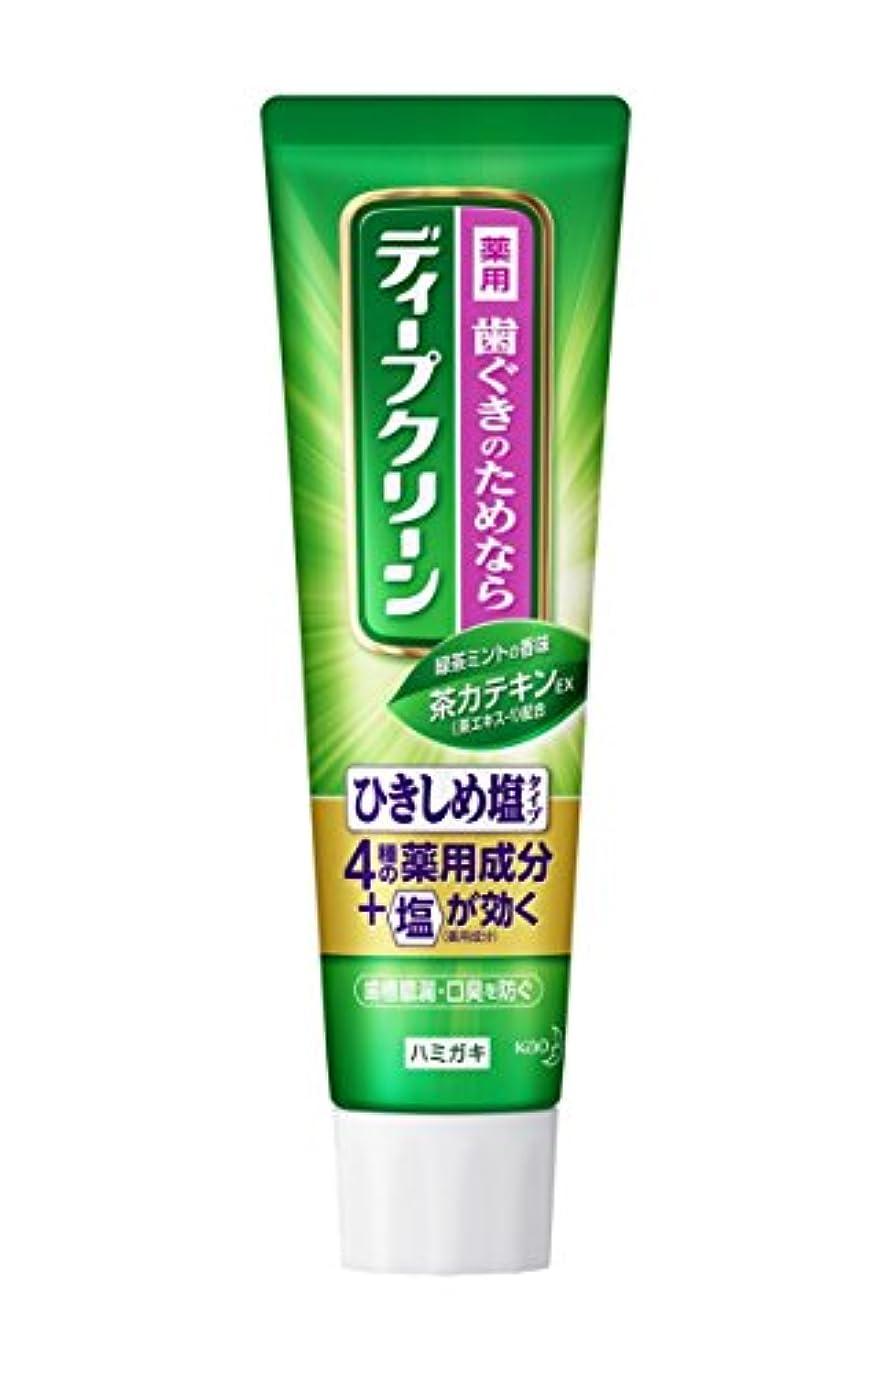 閉塞野な物足りないディープクリーン 薬用ハミガキ ひきしめ塩 100g